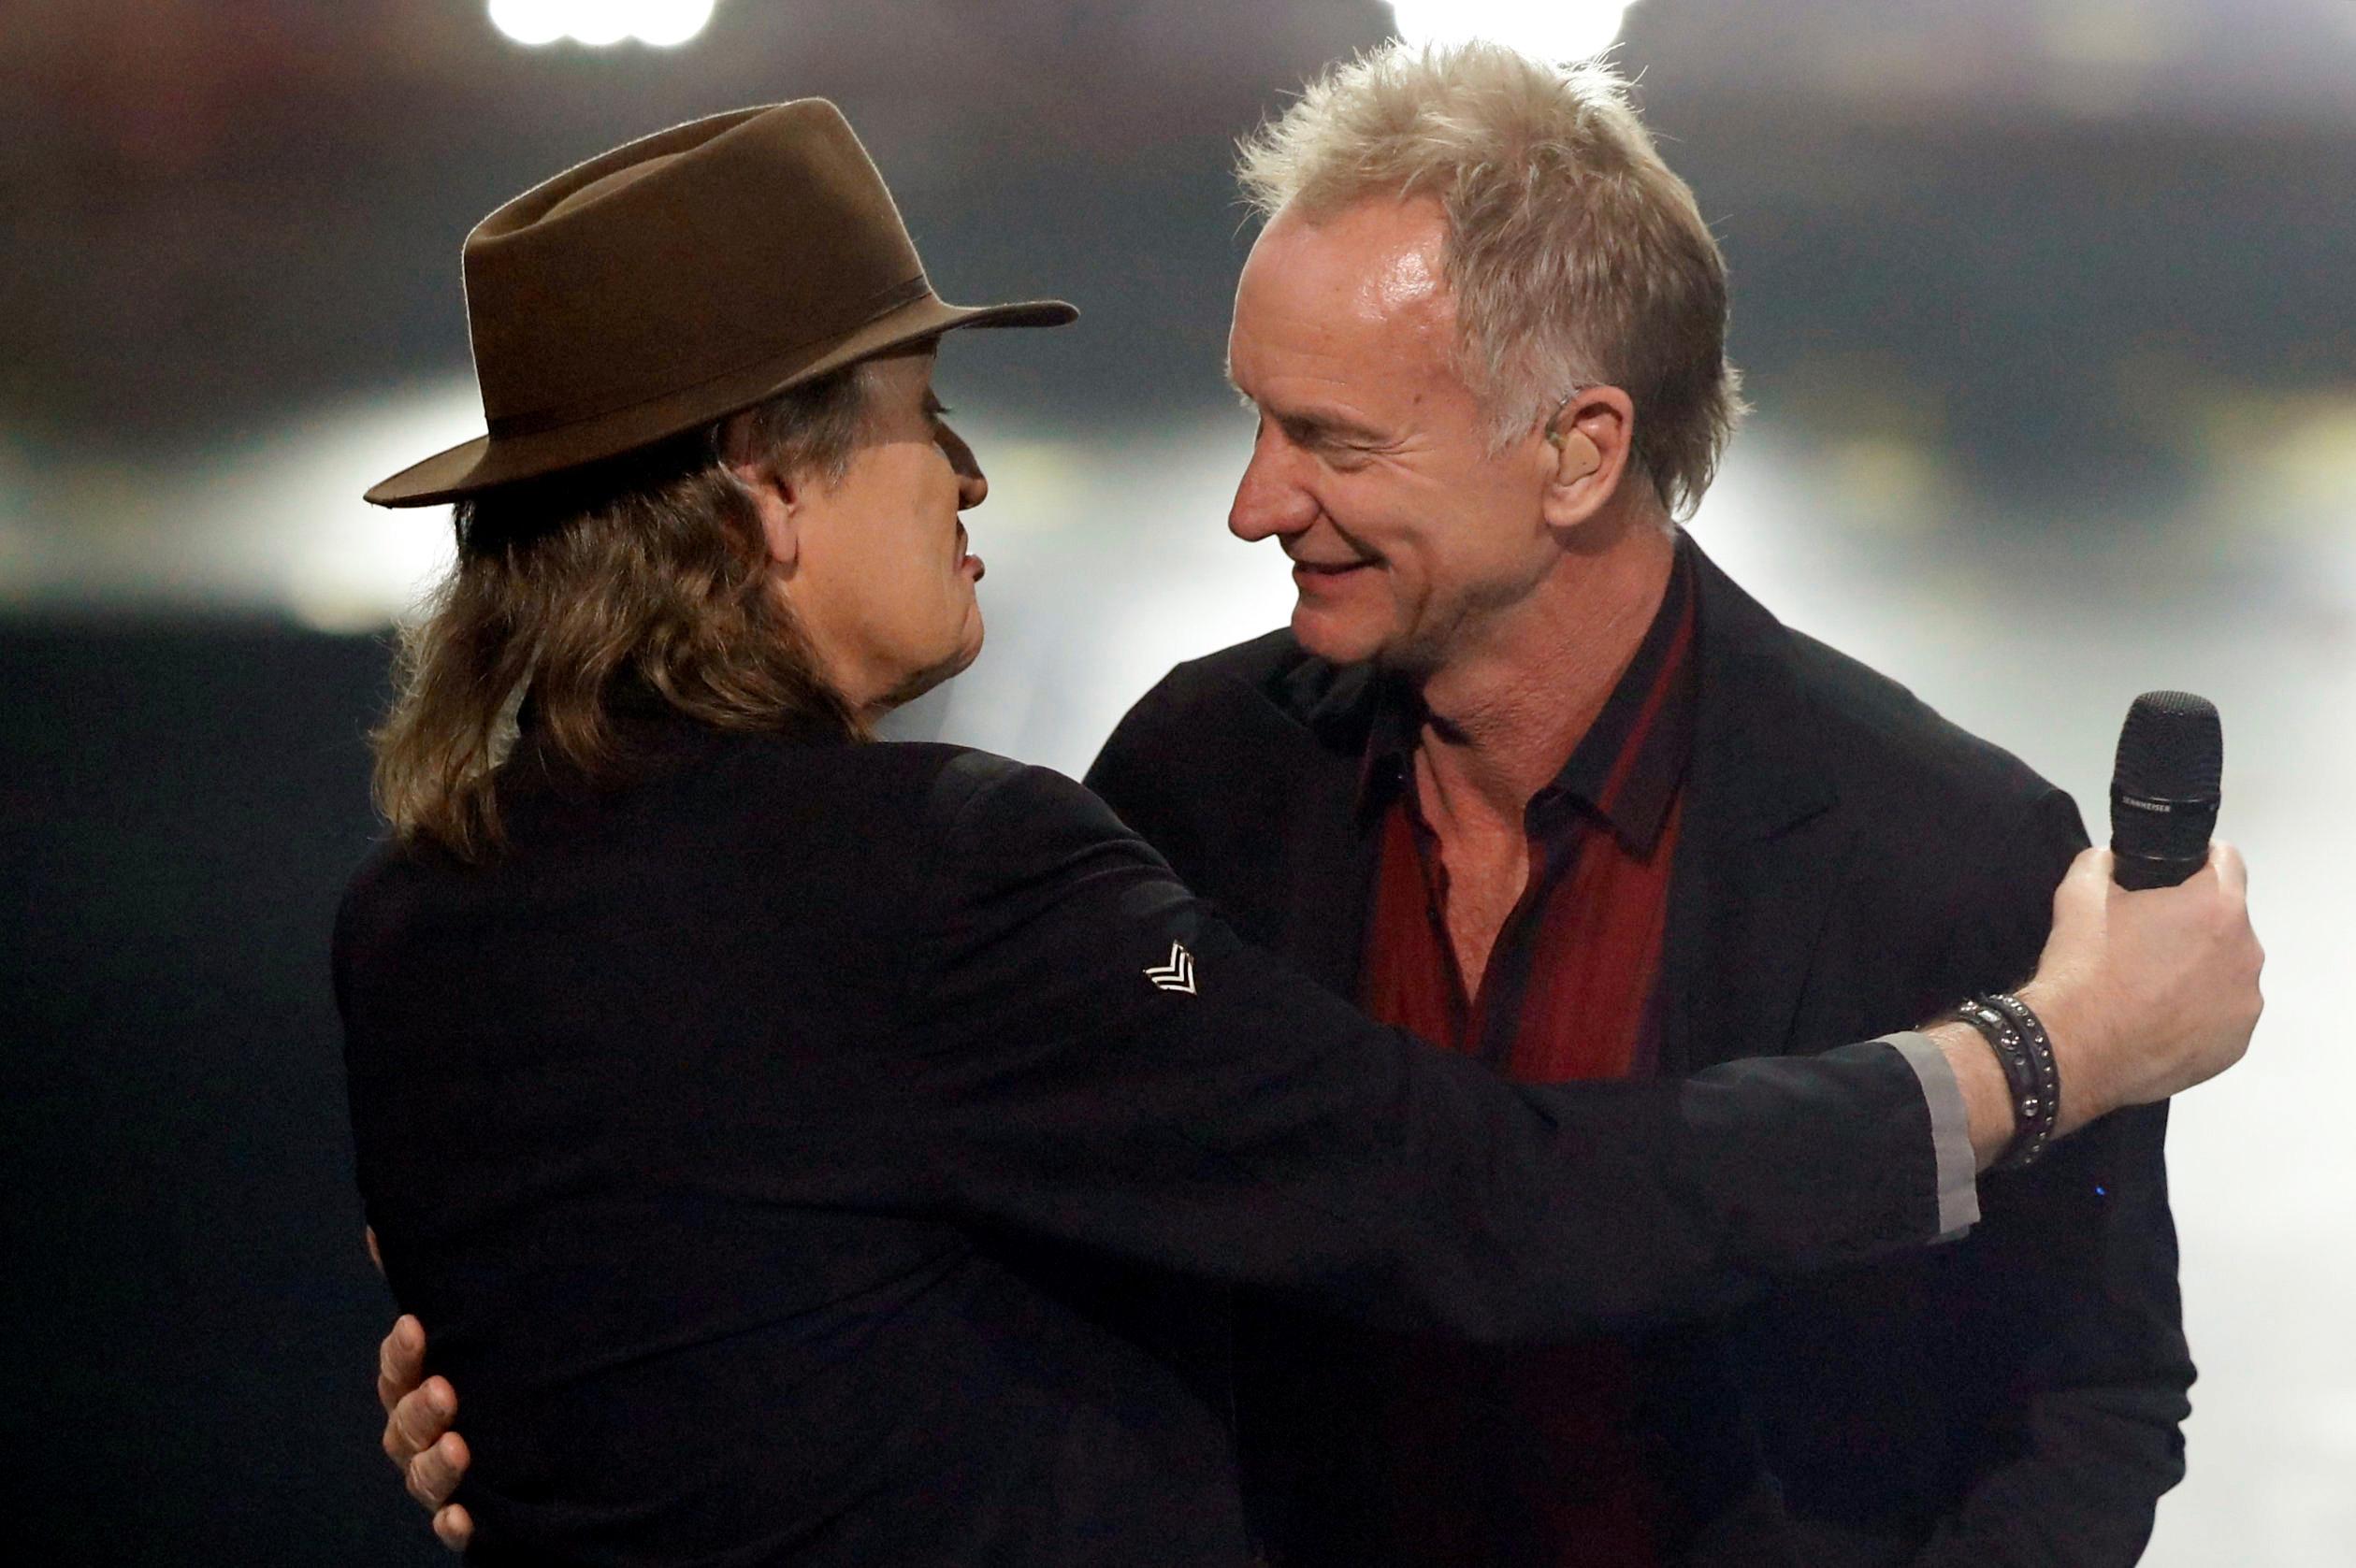 """Für seinen """"guten Freund"""" Sting nahm Udo Lindenberg sogar seine Sonnenbrille ab"""